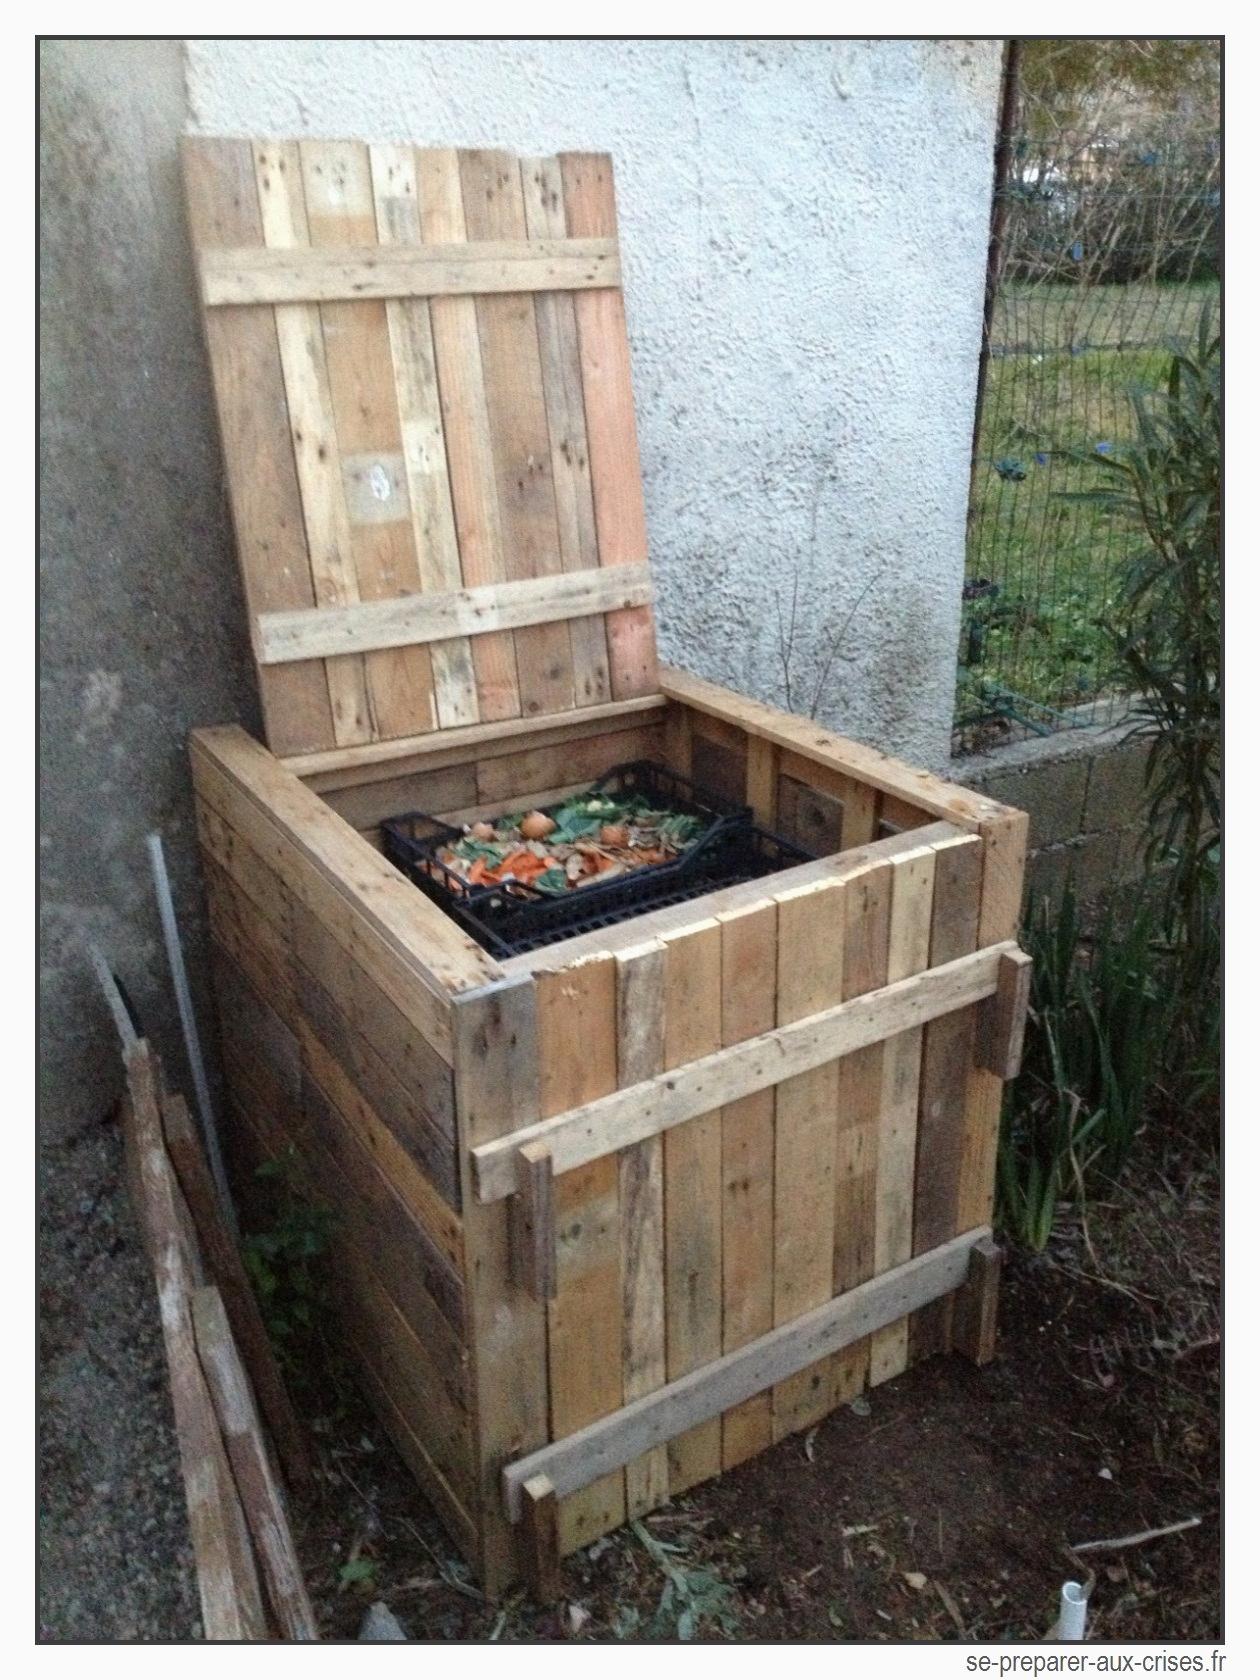 Créer Des Bacs De Jardin Avec Des Palettes Archaicawful ... intérieur Créer Des Bacs De Jardin Avec Des Palettes